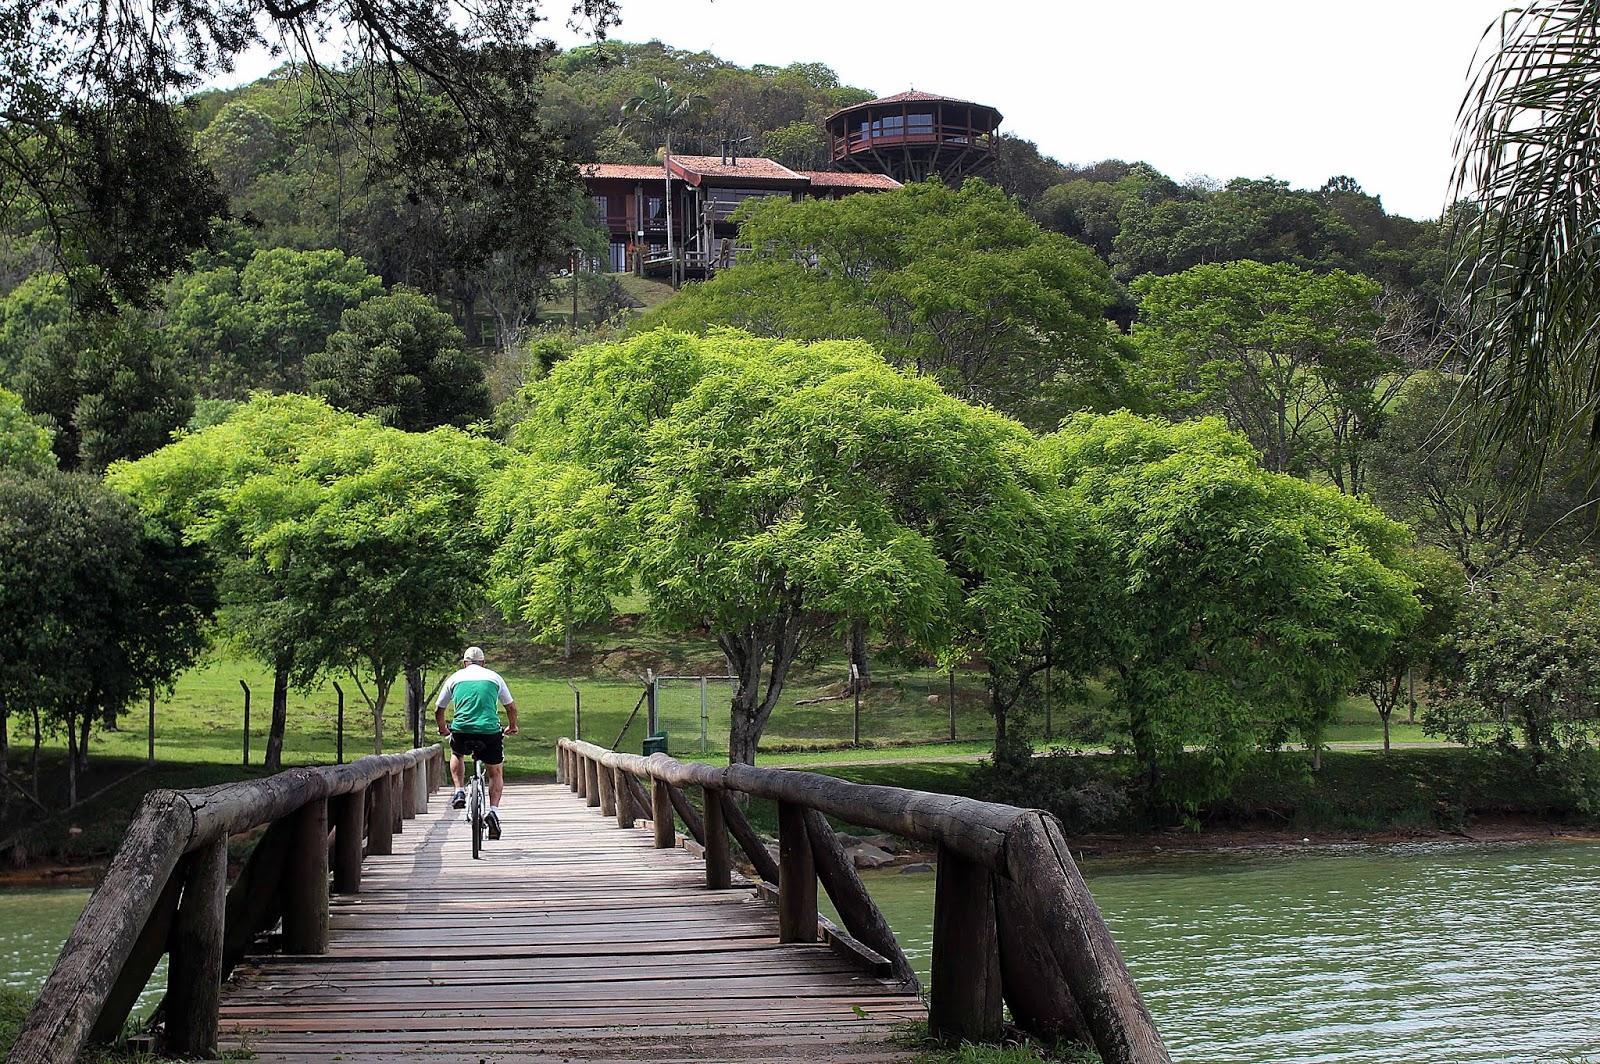 Parques de Curitiba são ótimas opções para diversão e lazer no Verão